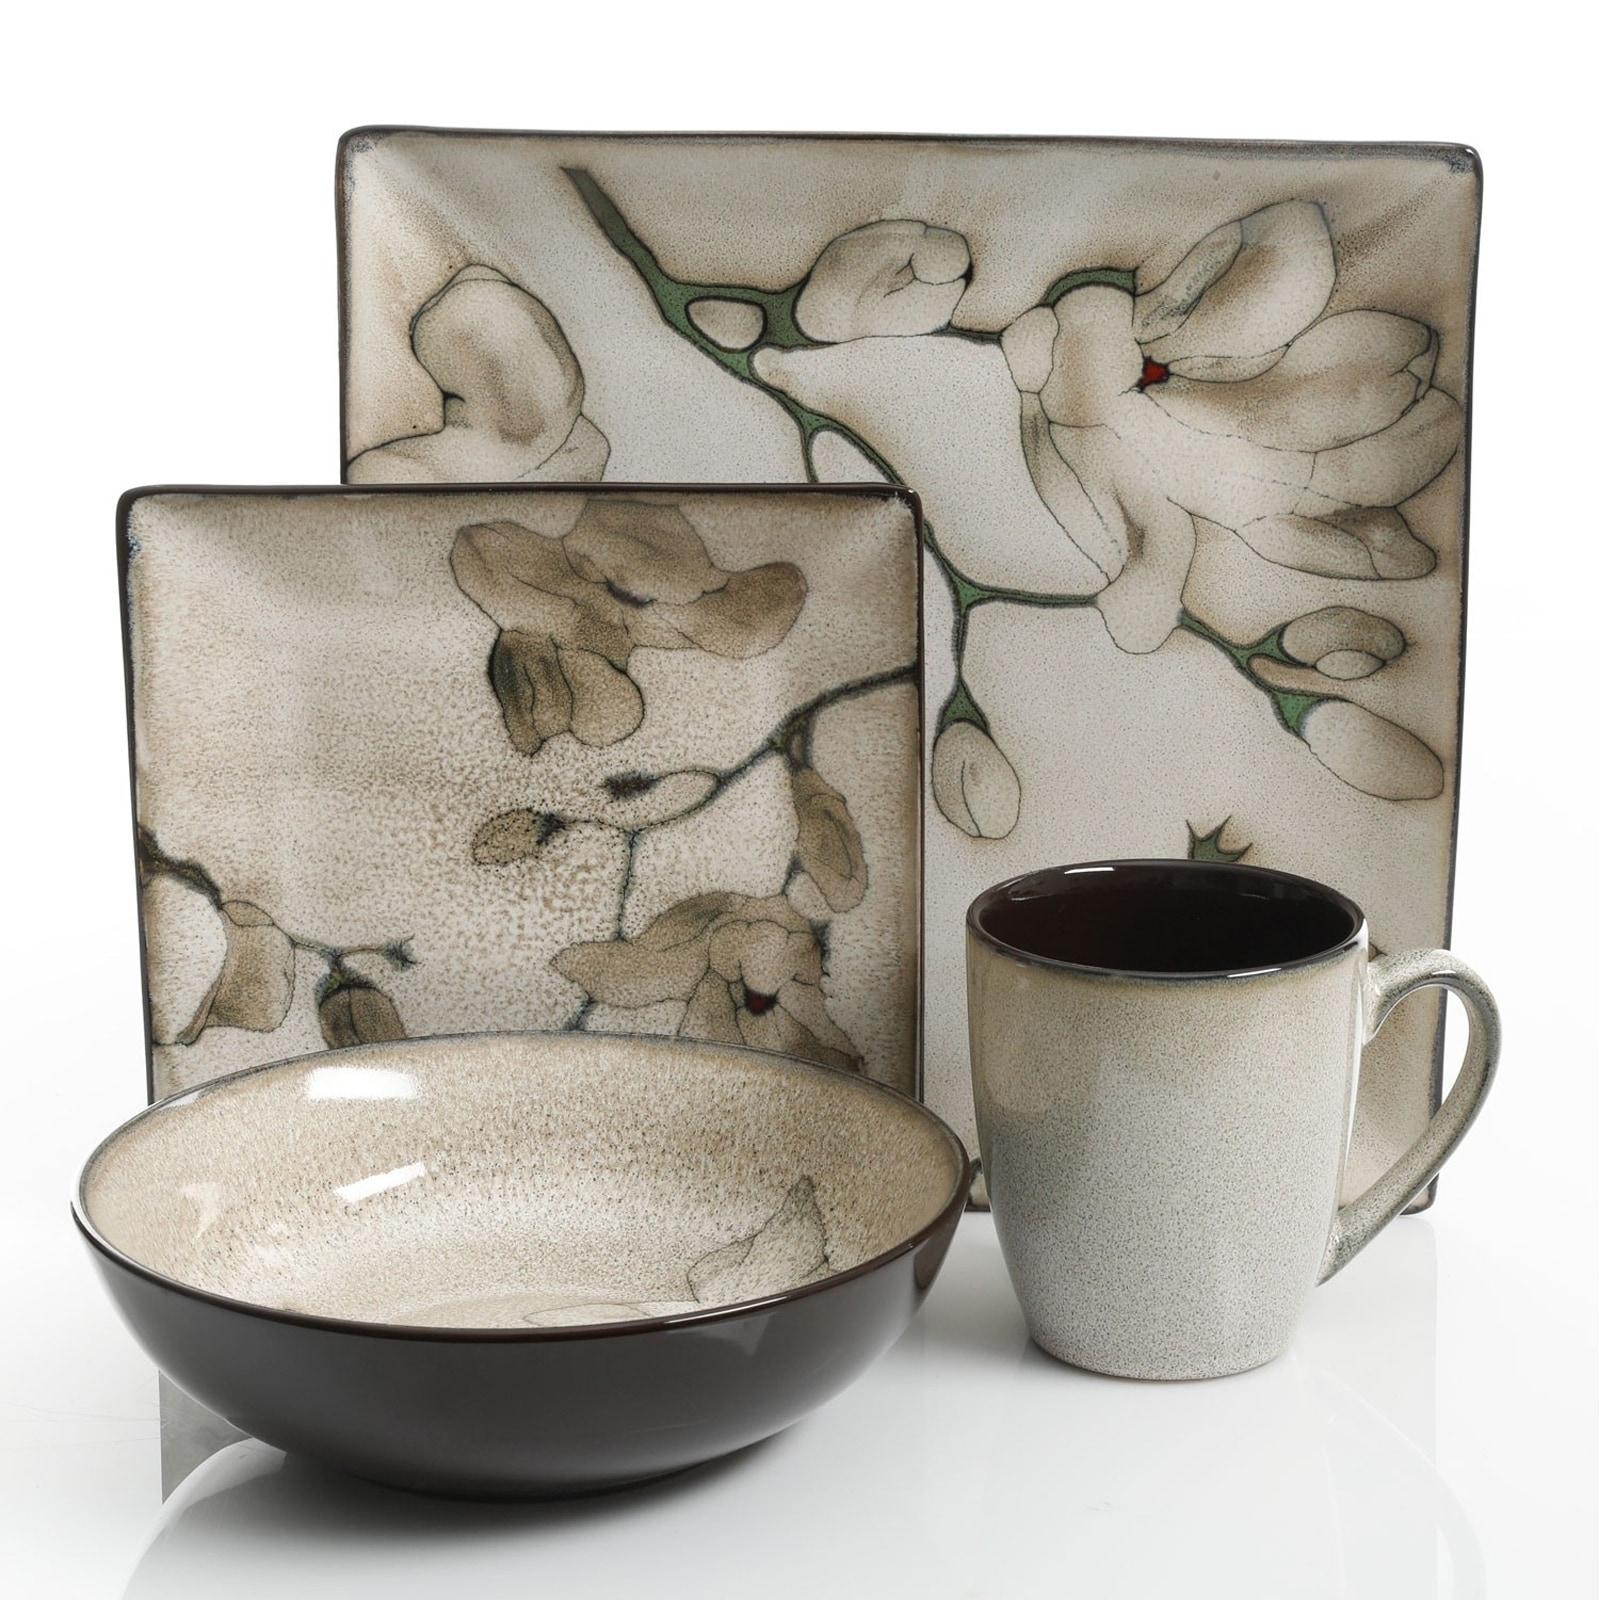 White Boa Print Plate Bowl Mug 16-Pcs Square Modern Stone Dinnerware Set Black